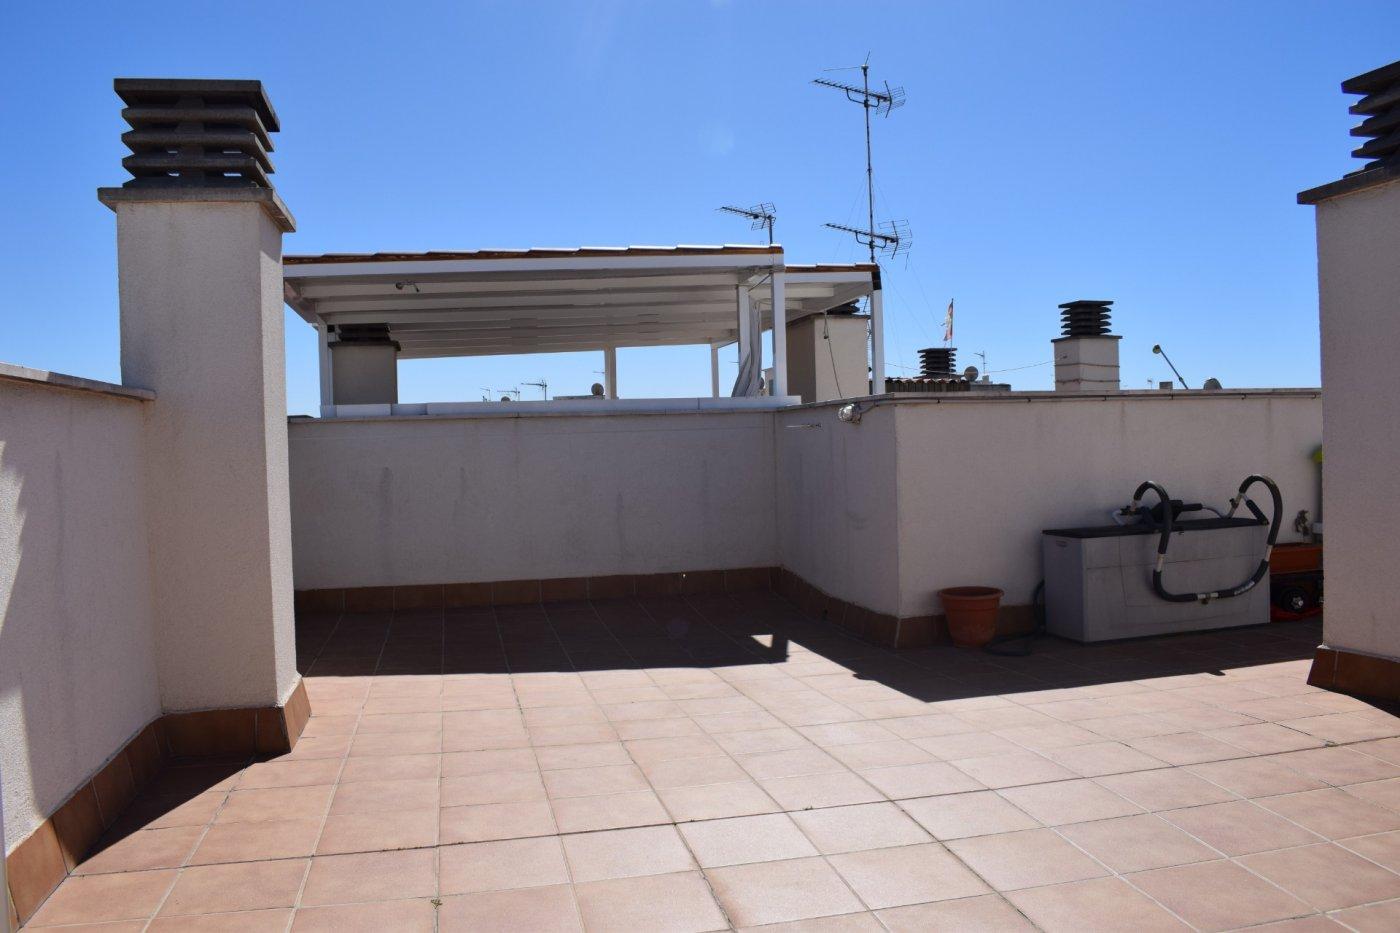 Ático-Venta-Palma de Mallorca-185575-Foto-21